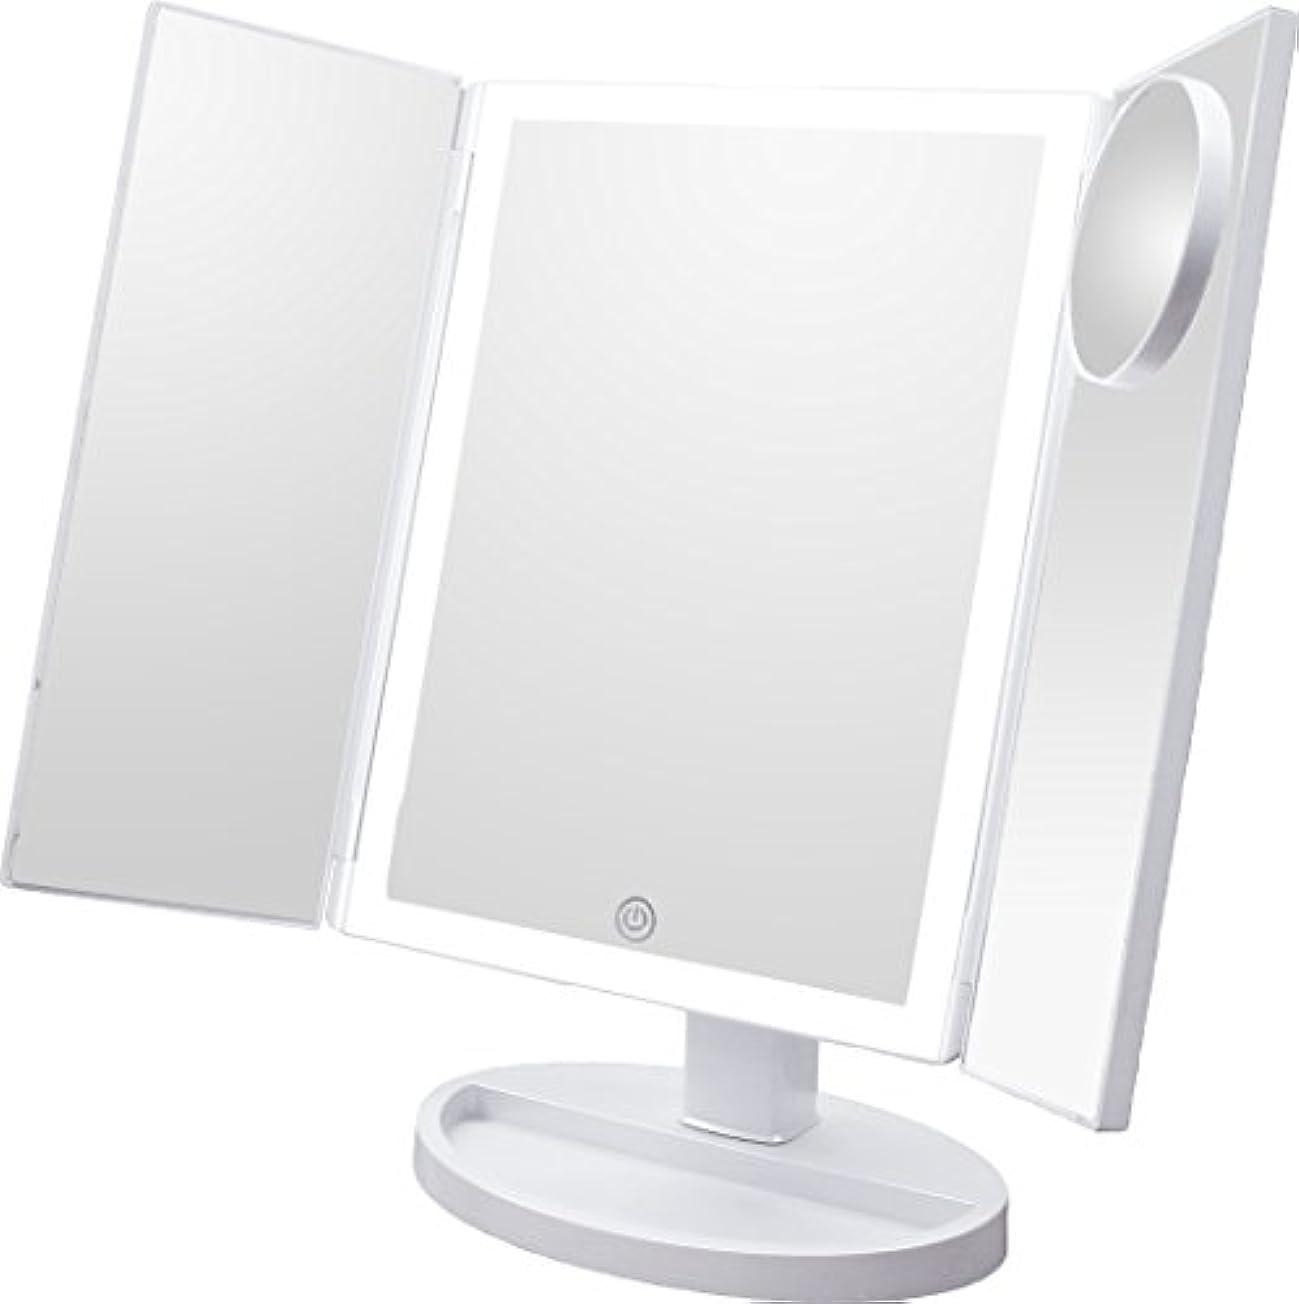 プレゼンテーションクラブクラックLEDミラー LEDバー 3面鏡 10倍拡大鏡付き 女優ミラー メイクミラー ブライトミラー 卓上ミラー スタンドミラー (ホワイト)